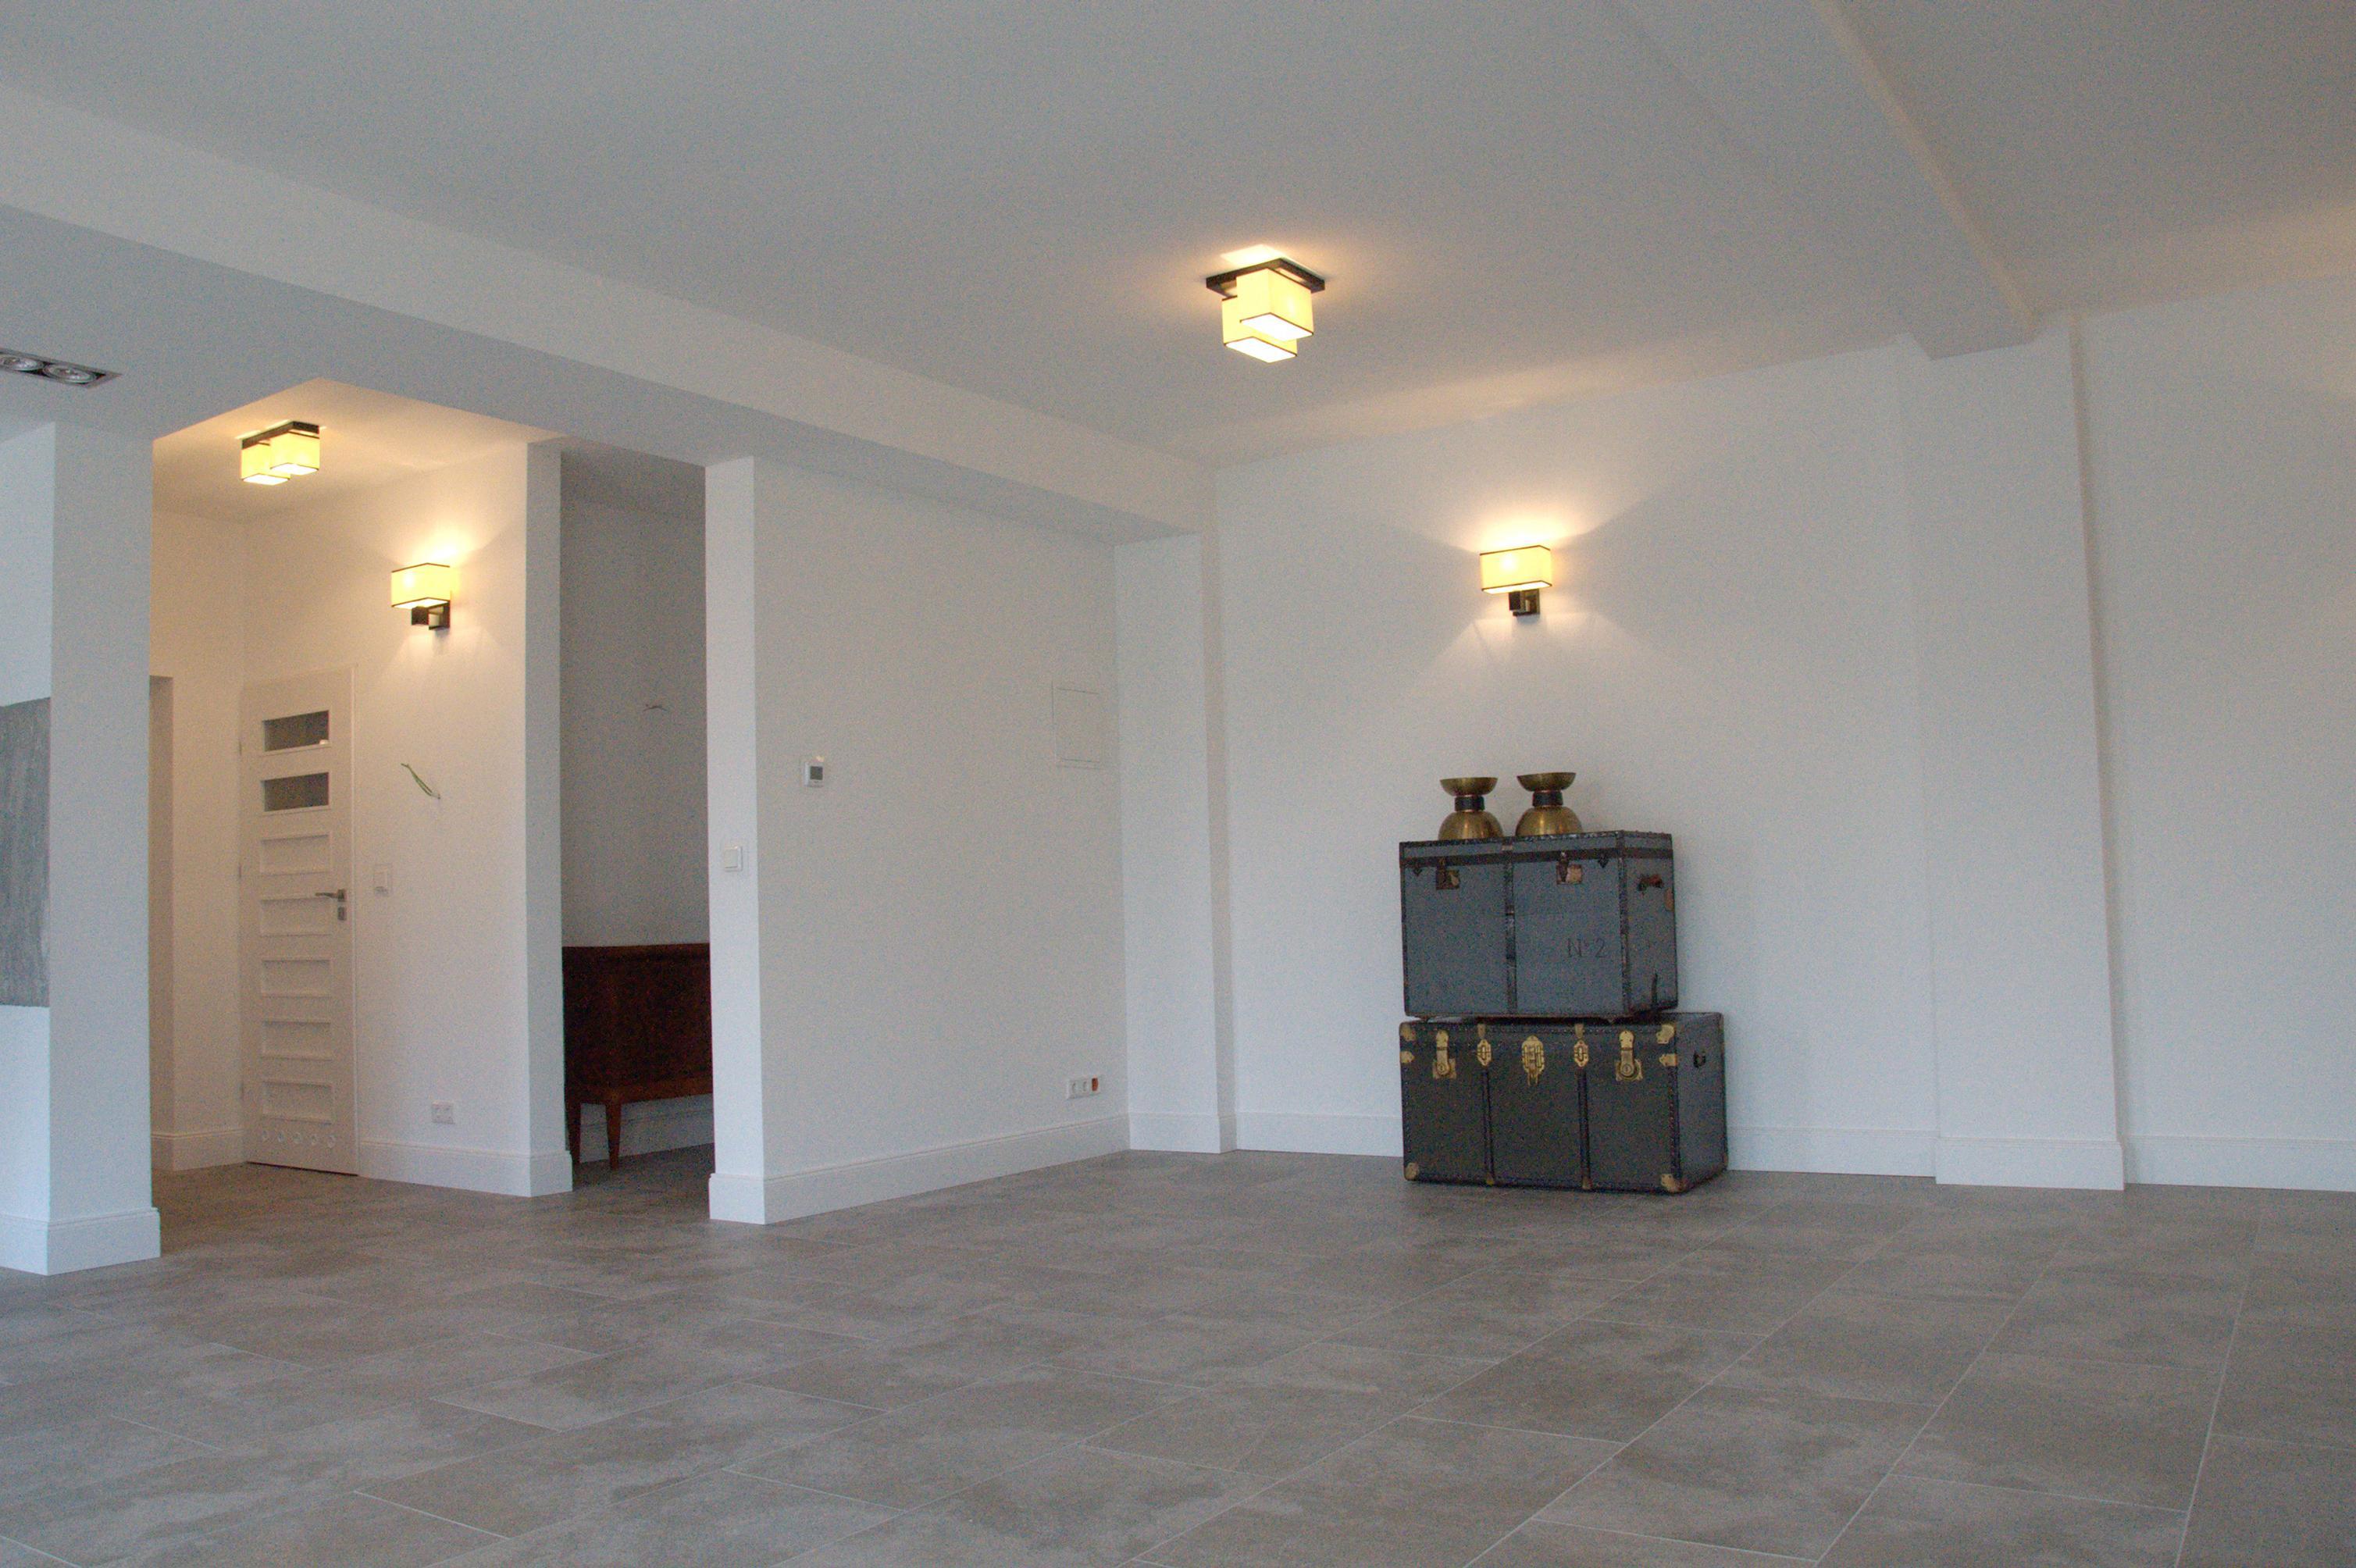 Wohnzimmer kamin bilder ideen couchstyle - Kamin im wohnzimmer ...